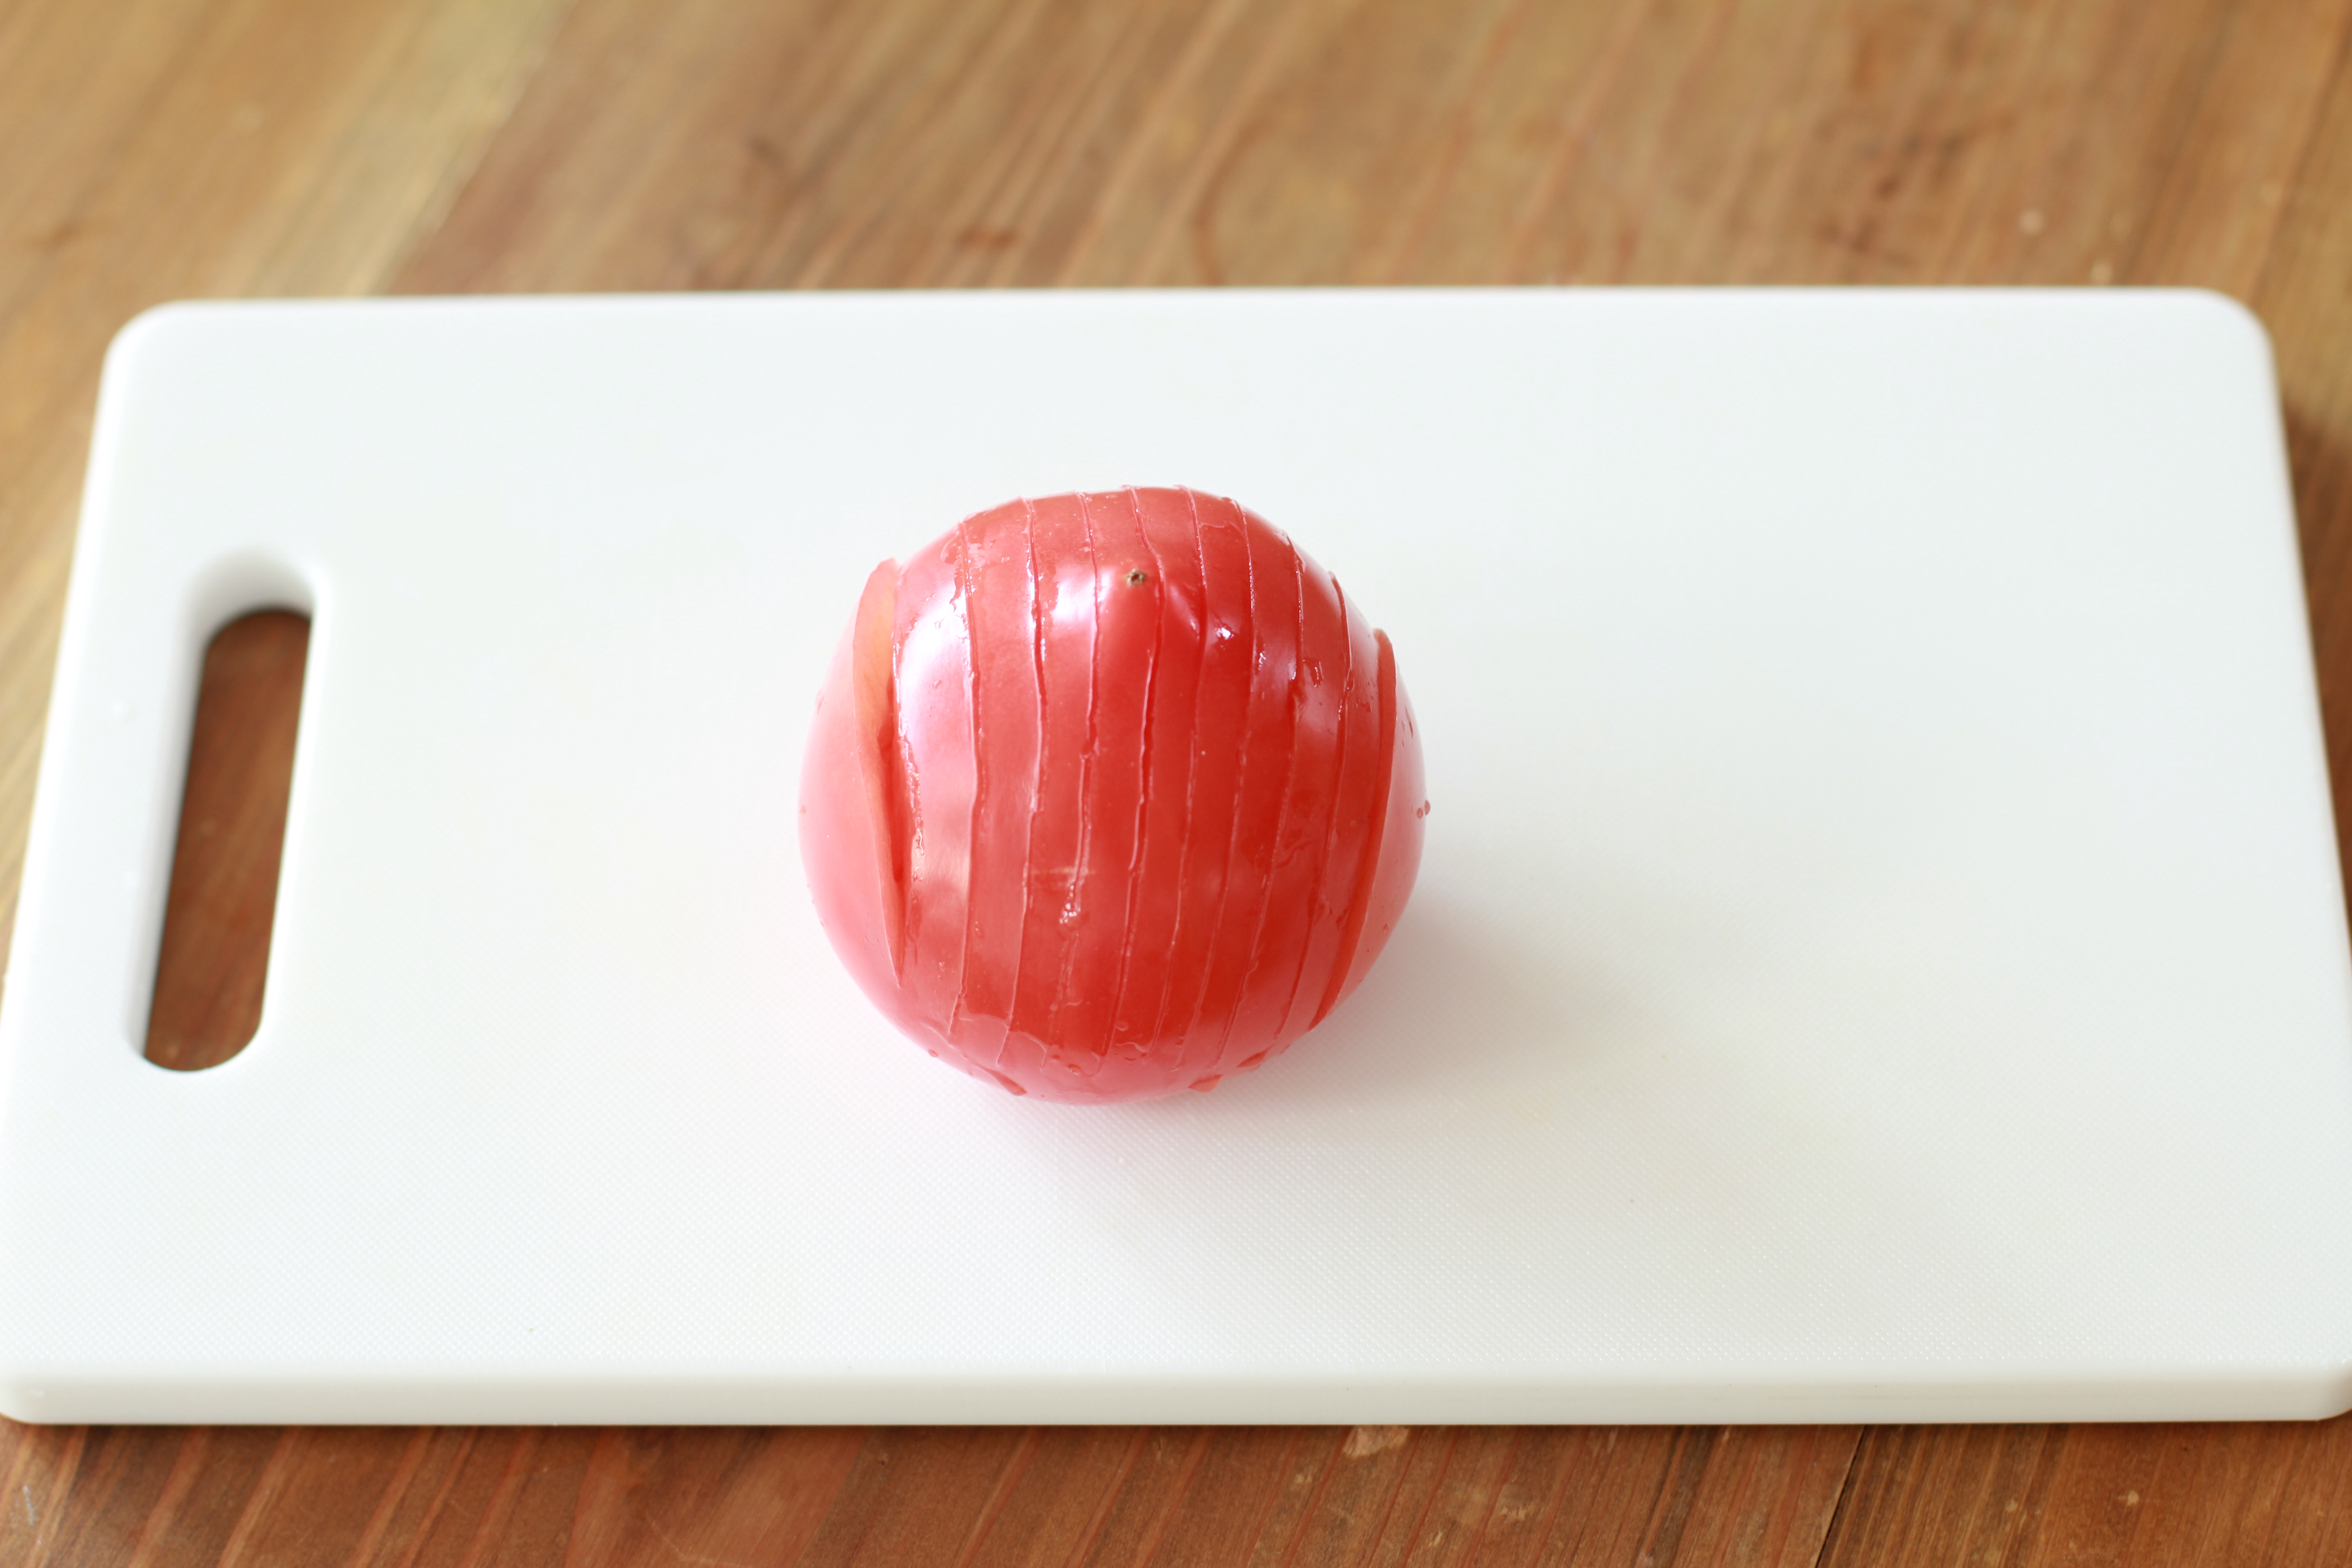 トマトしかない時に、誰でも作れる「ハッセルバックトマト」を試してみて!